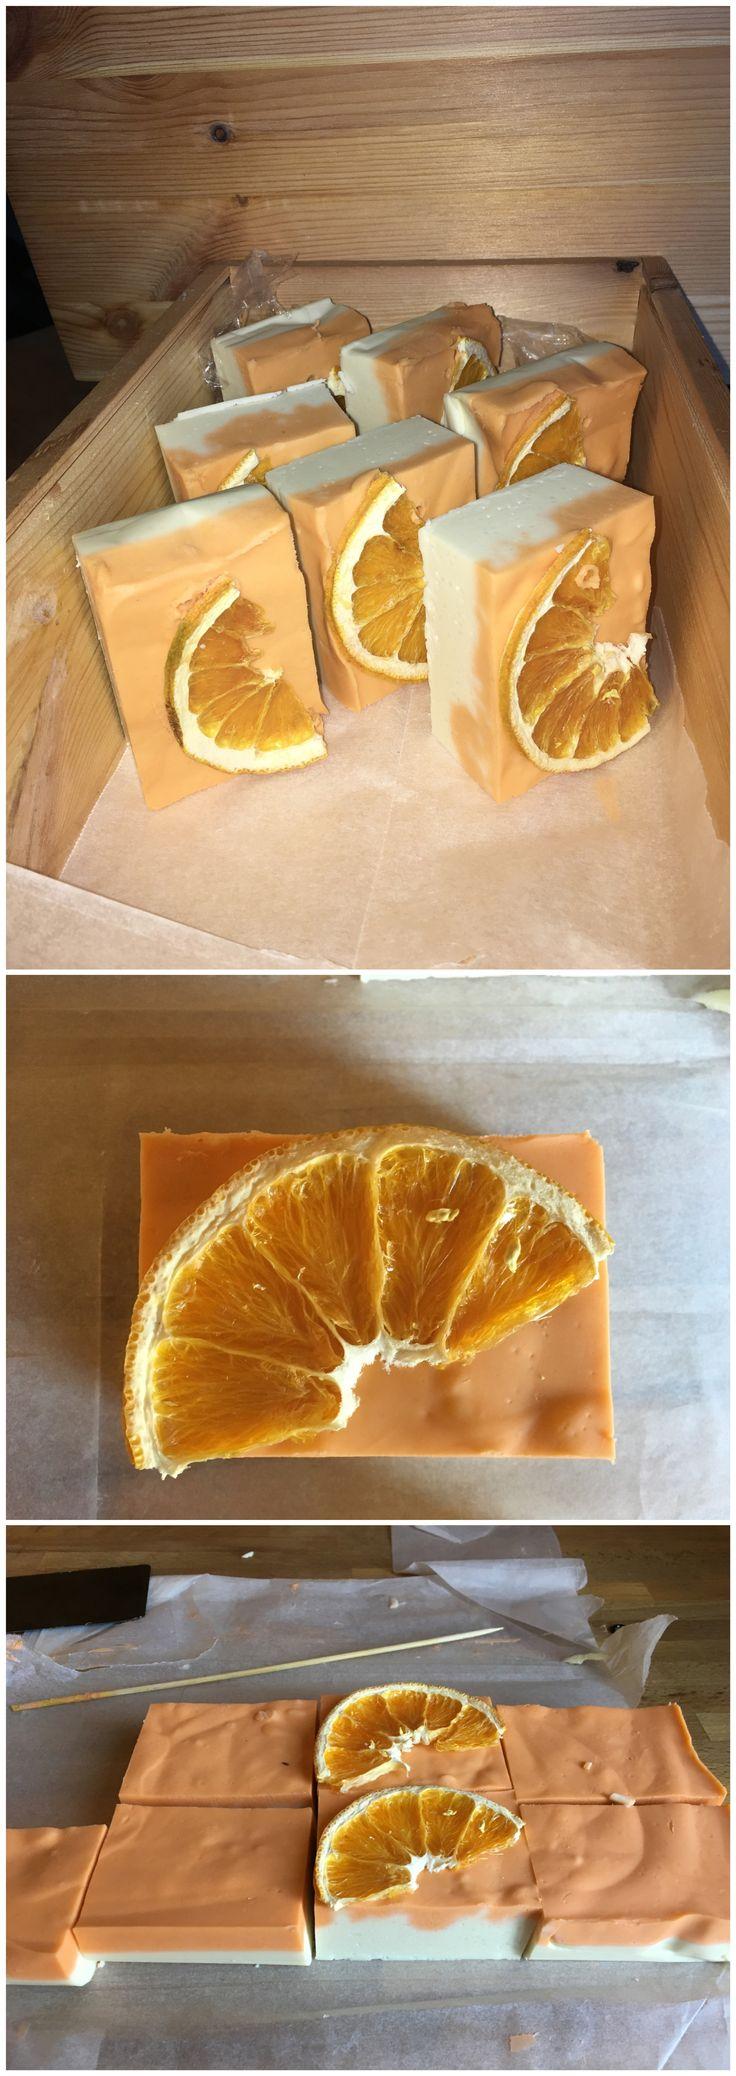 Cinnamon and orange hand Made soap Saponette arancia e cannella fatte a mano. Piccole idee regalo per Natale, economiche, facili e veloci.❤️